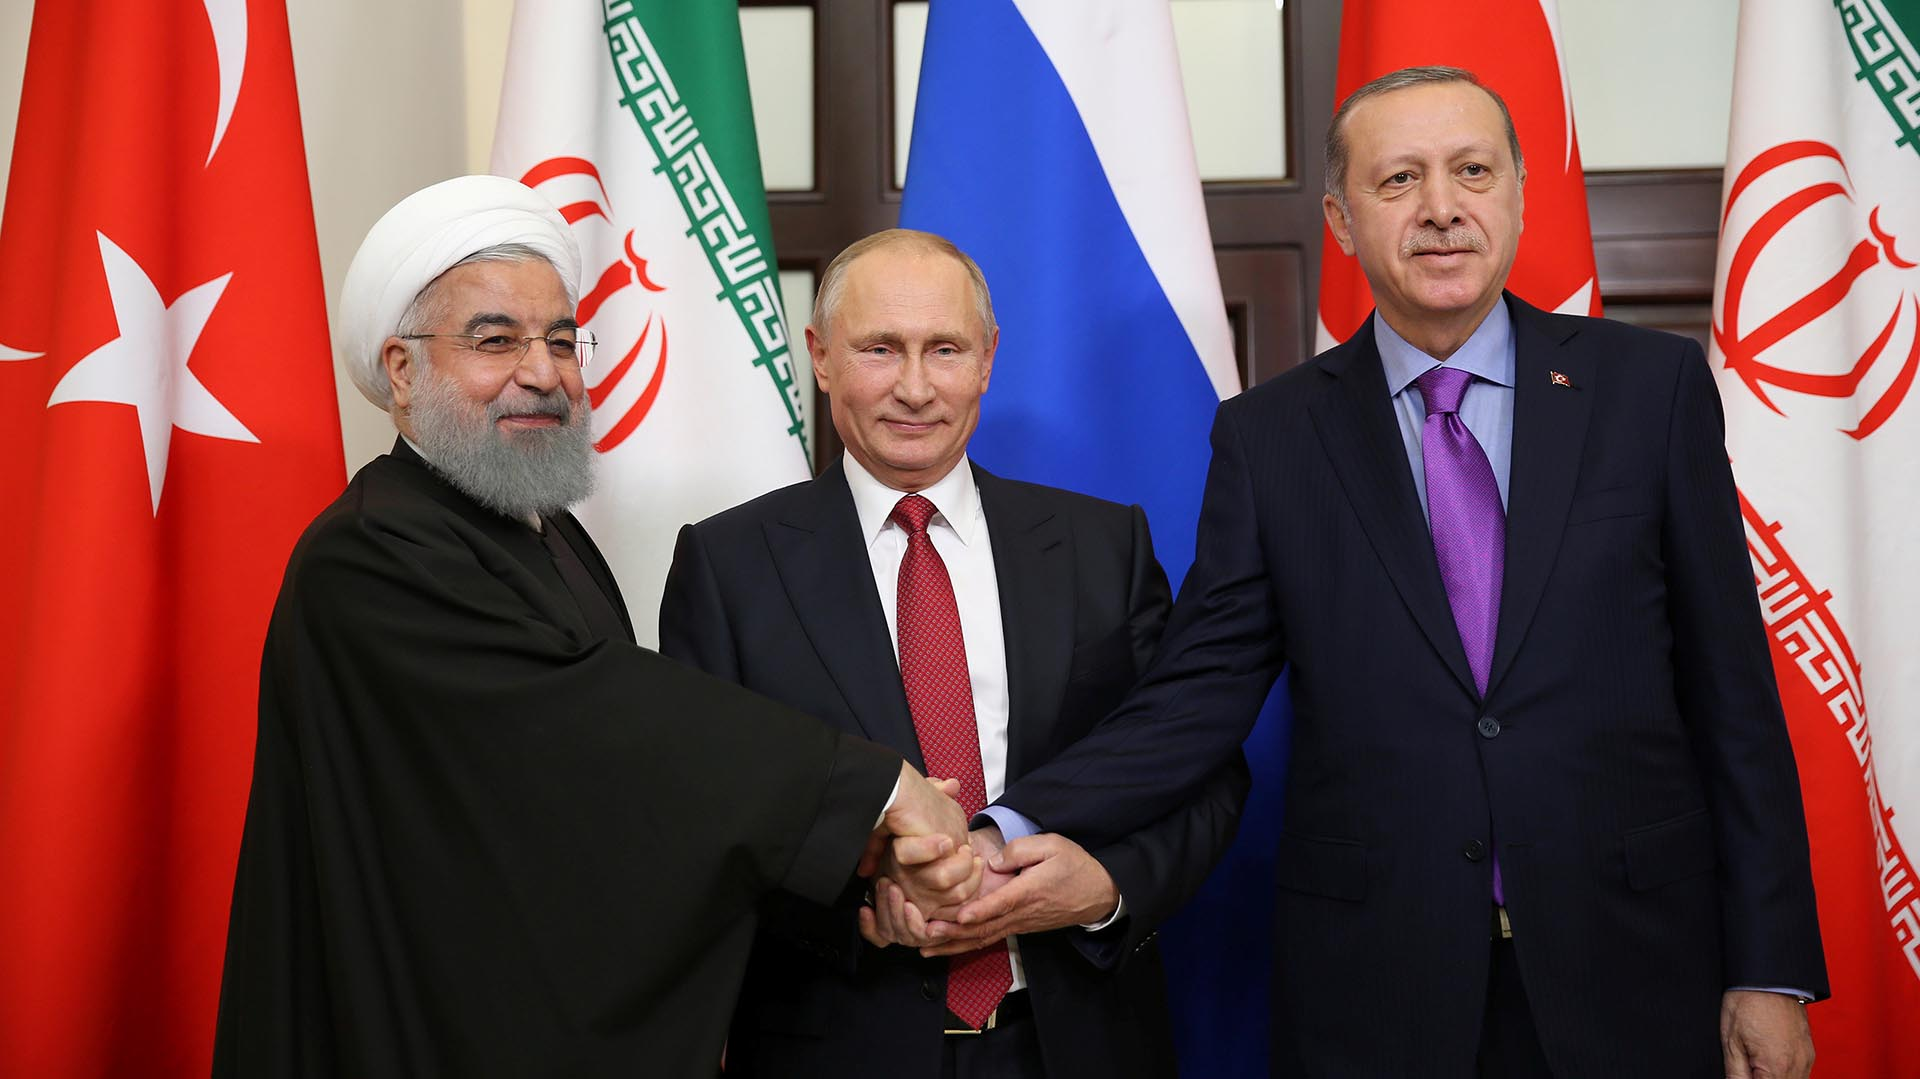 La cercanía del dictador turco a los regímenes de Irán y Rusia puede complicar sus relaciones con Washington